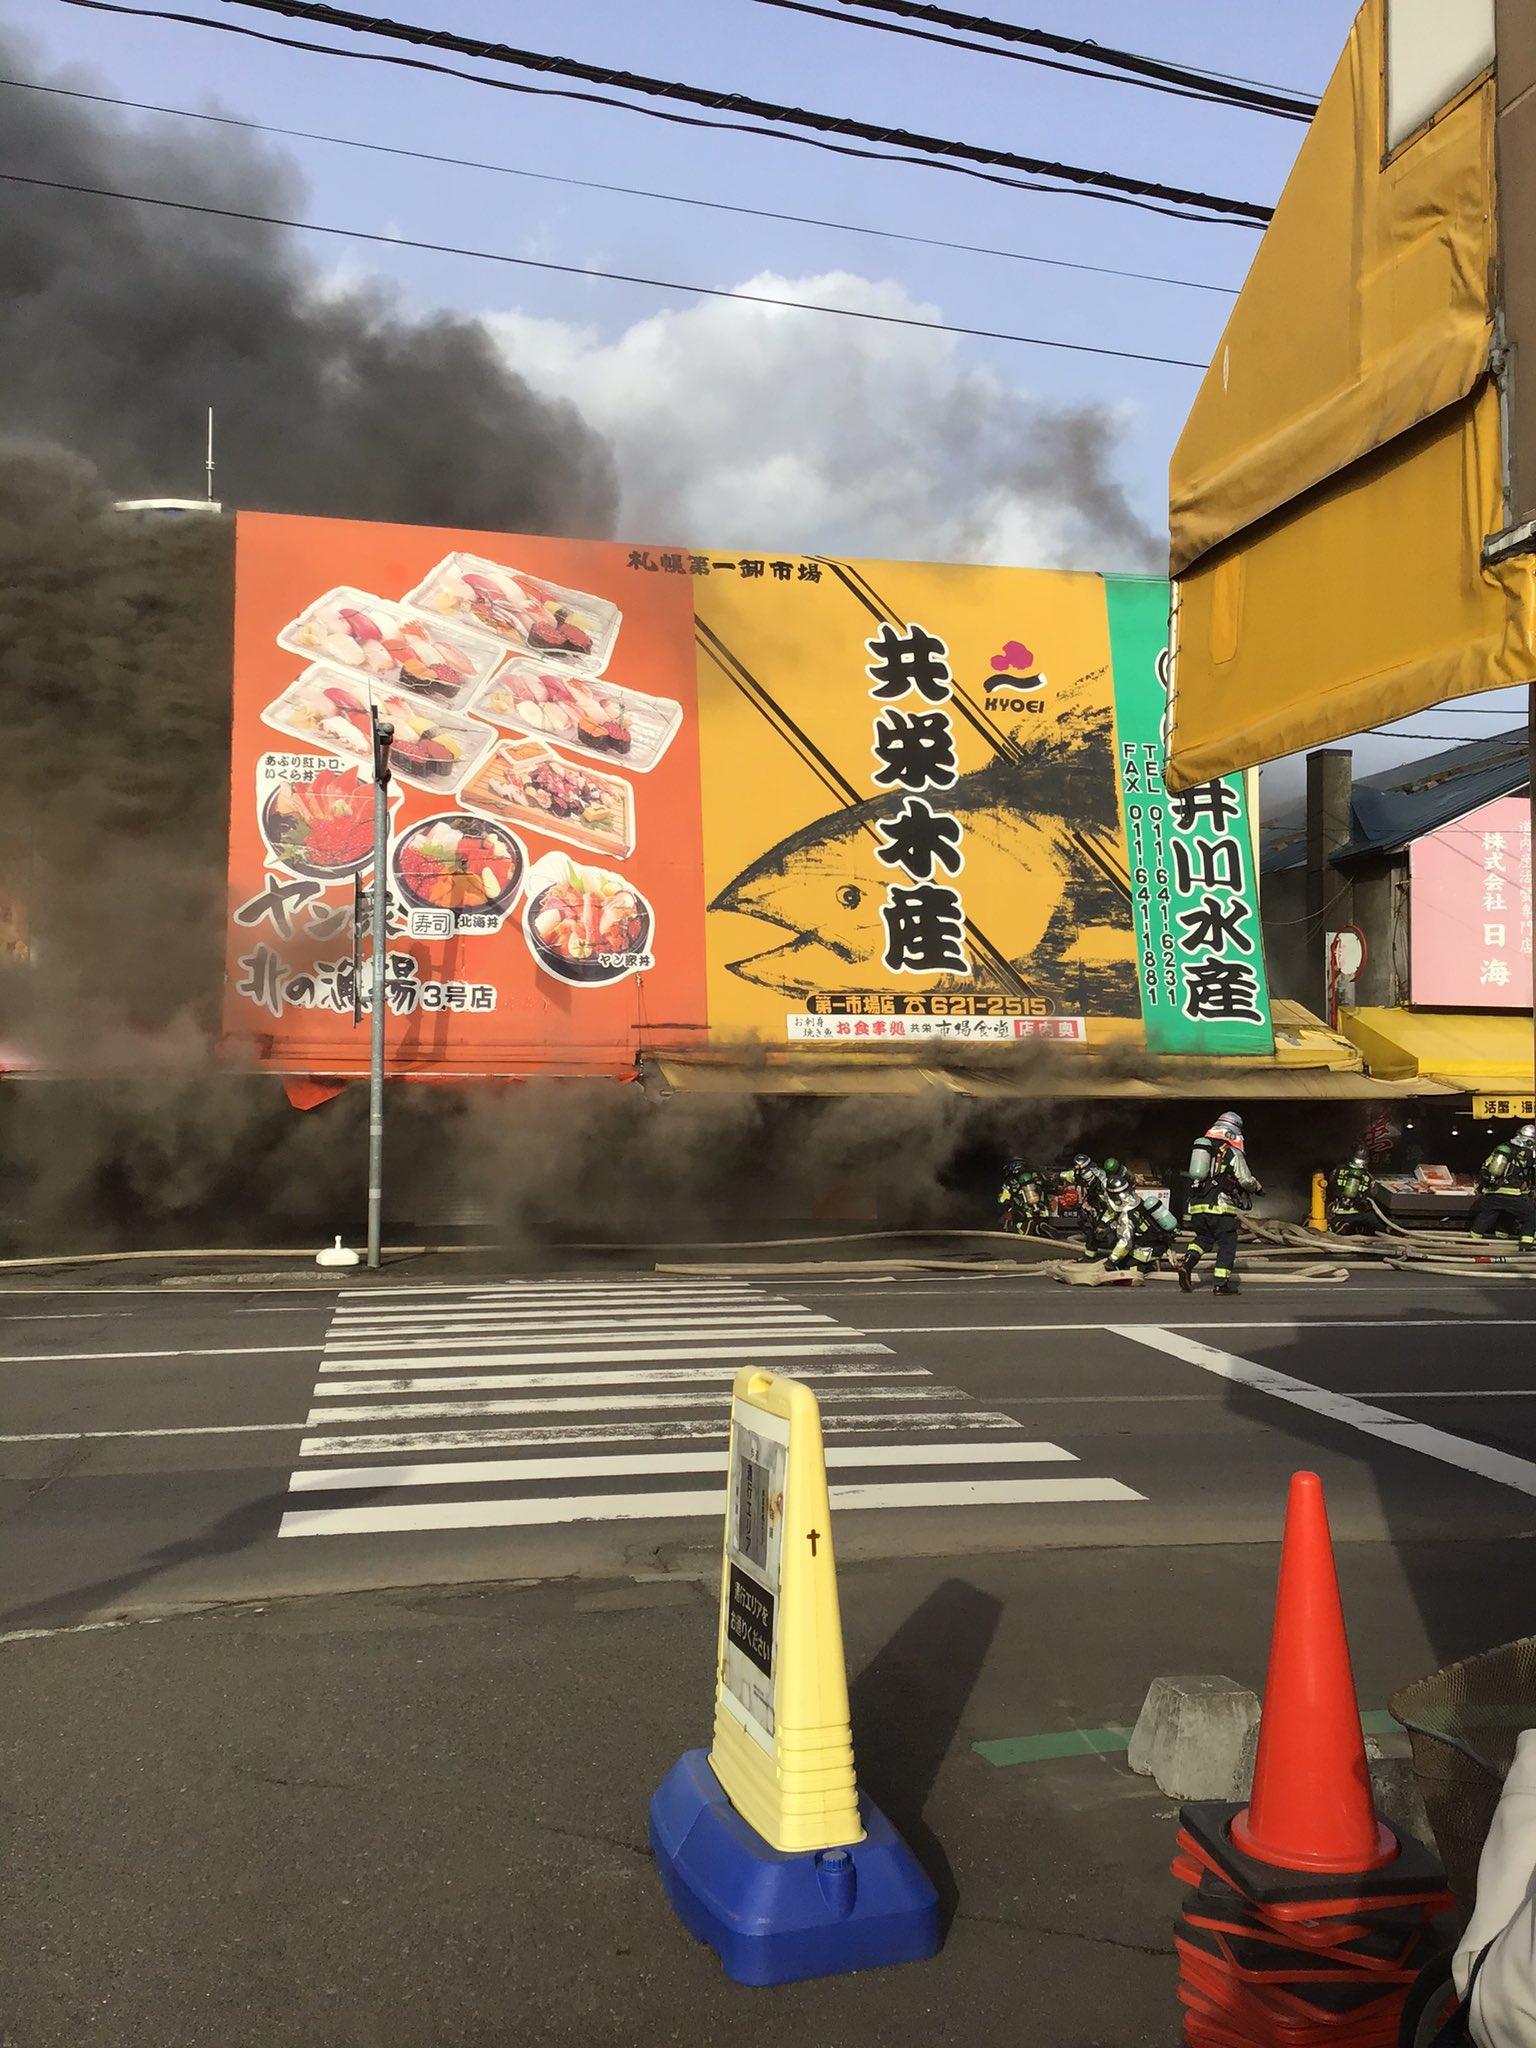 火事どこ 札幌